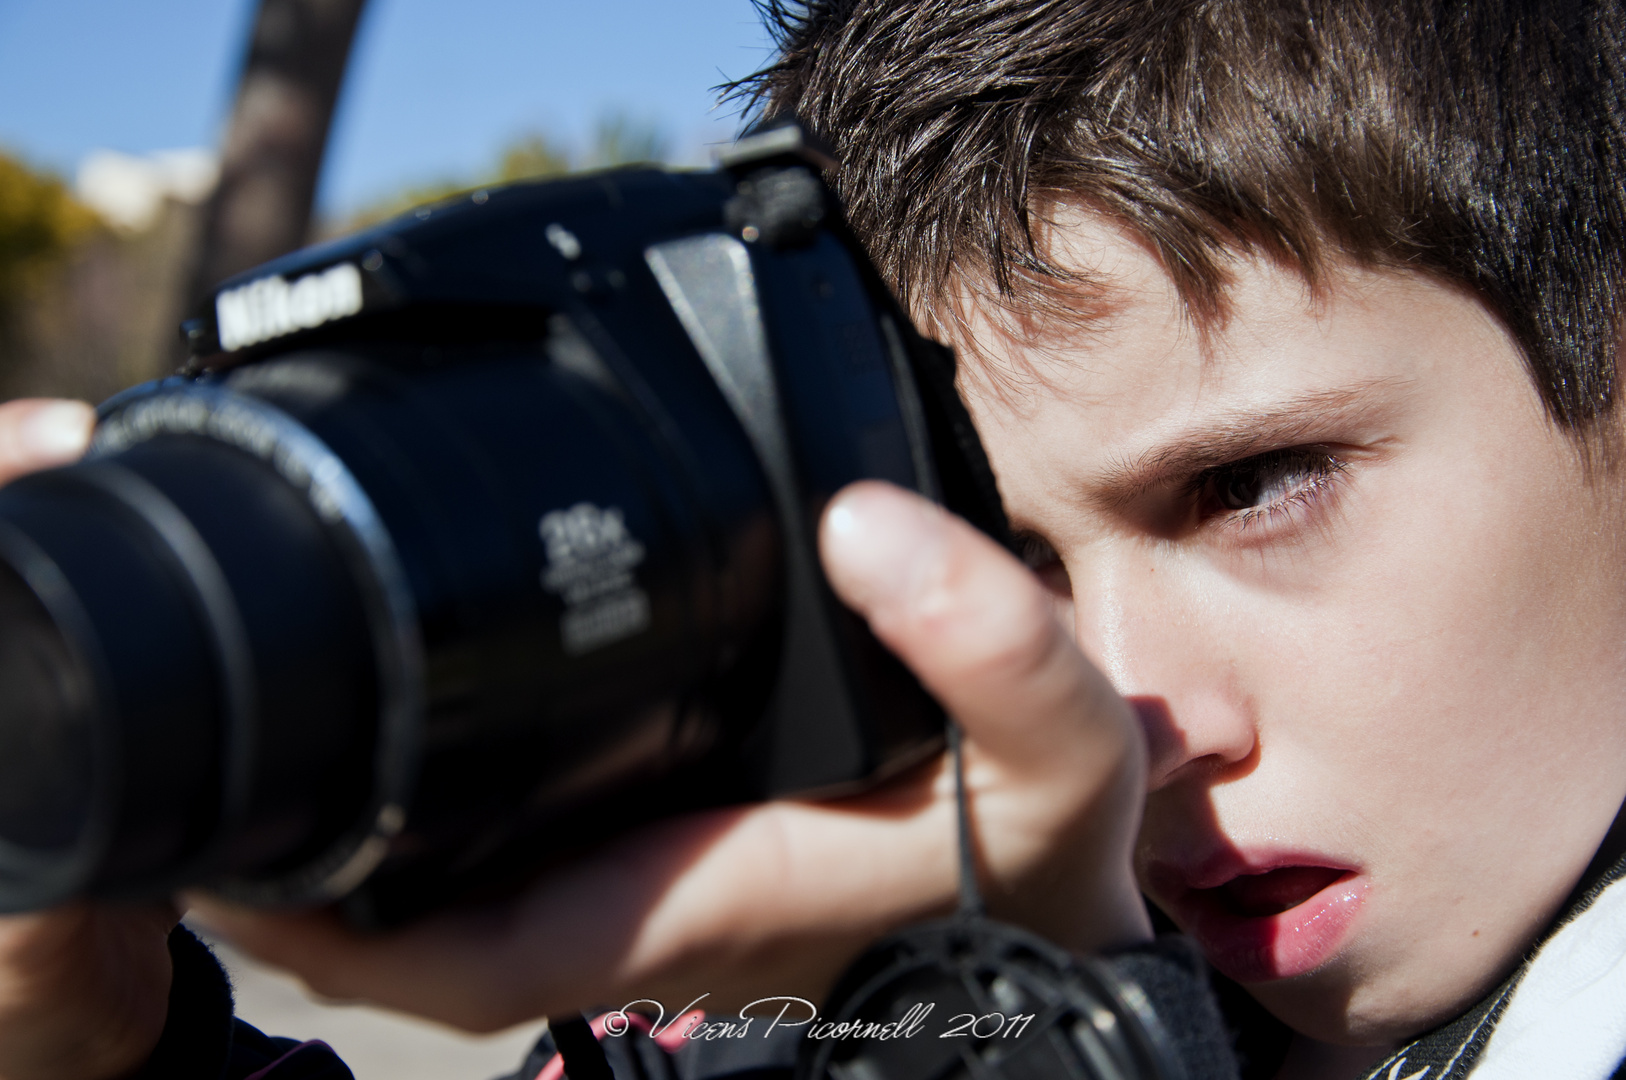 Sus primeros pasos en la fotografía